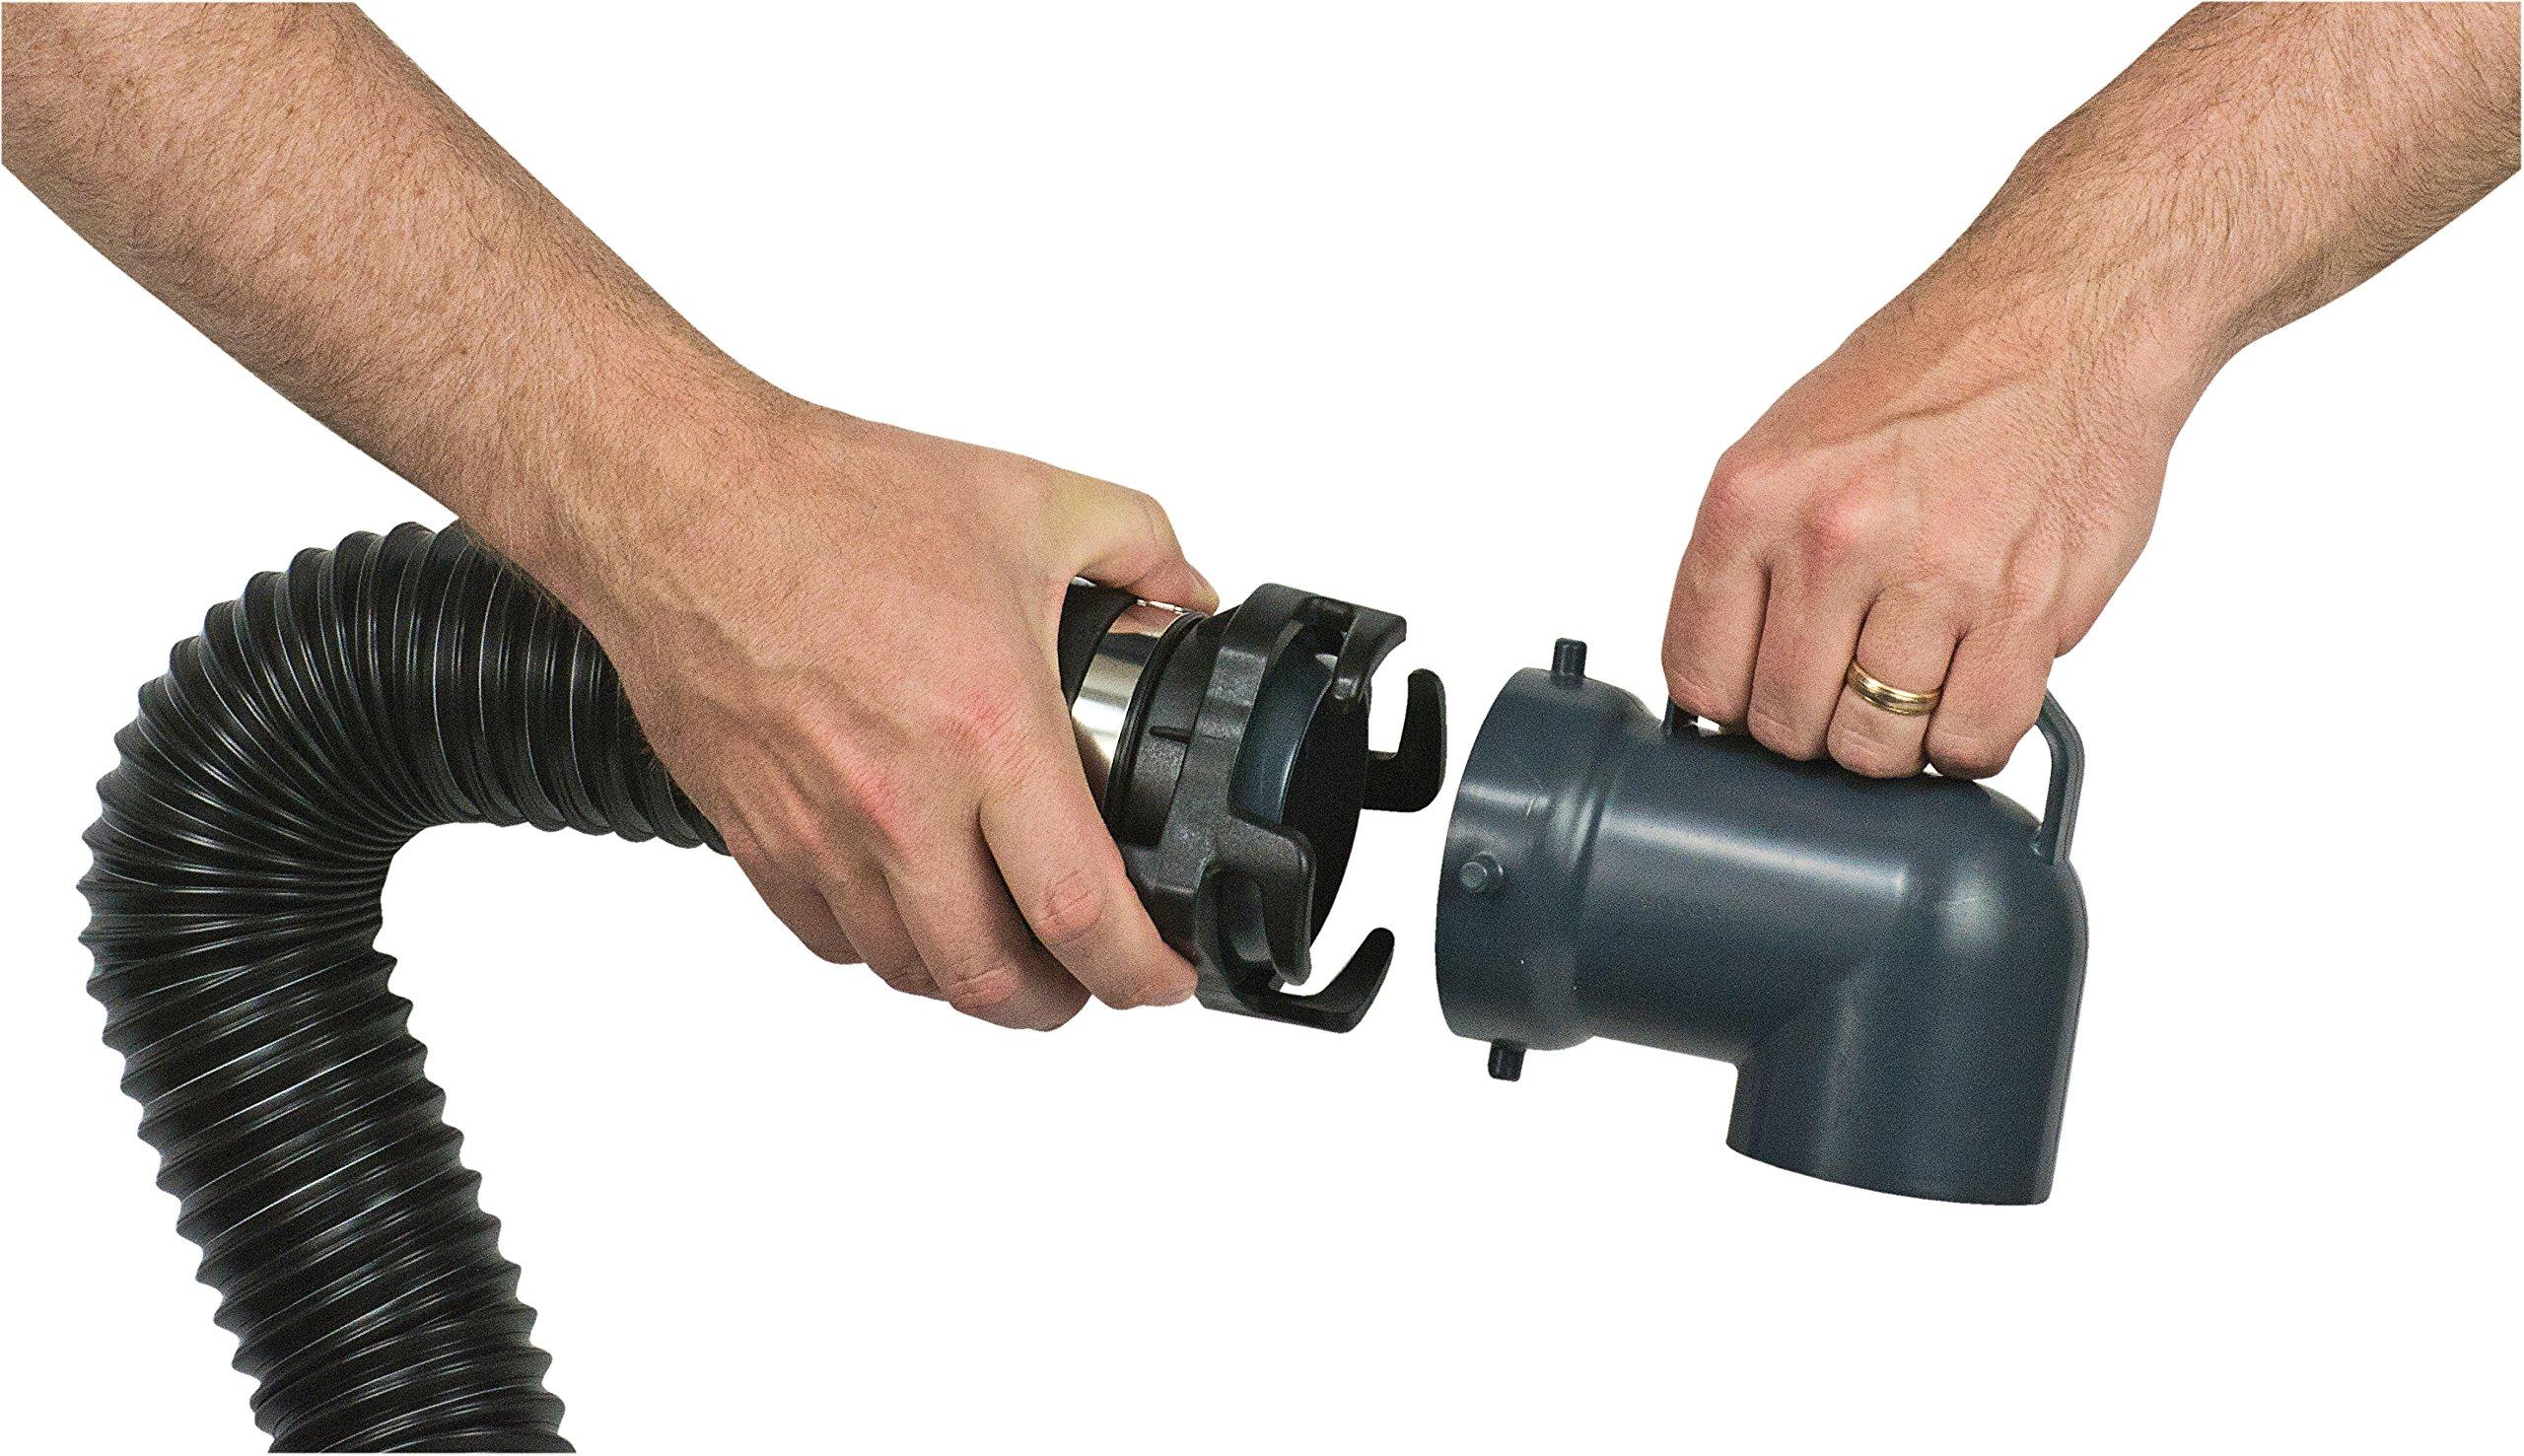 SmartTote2 RV Portable Waste Tote Tank - 4 Wheels - 35 Gallon - Thetford 40519 by SmartTote2 (Image #9)